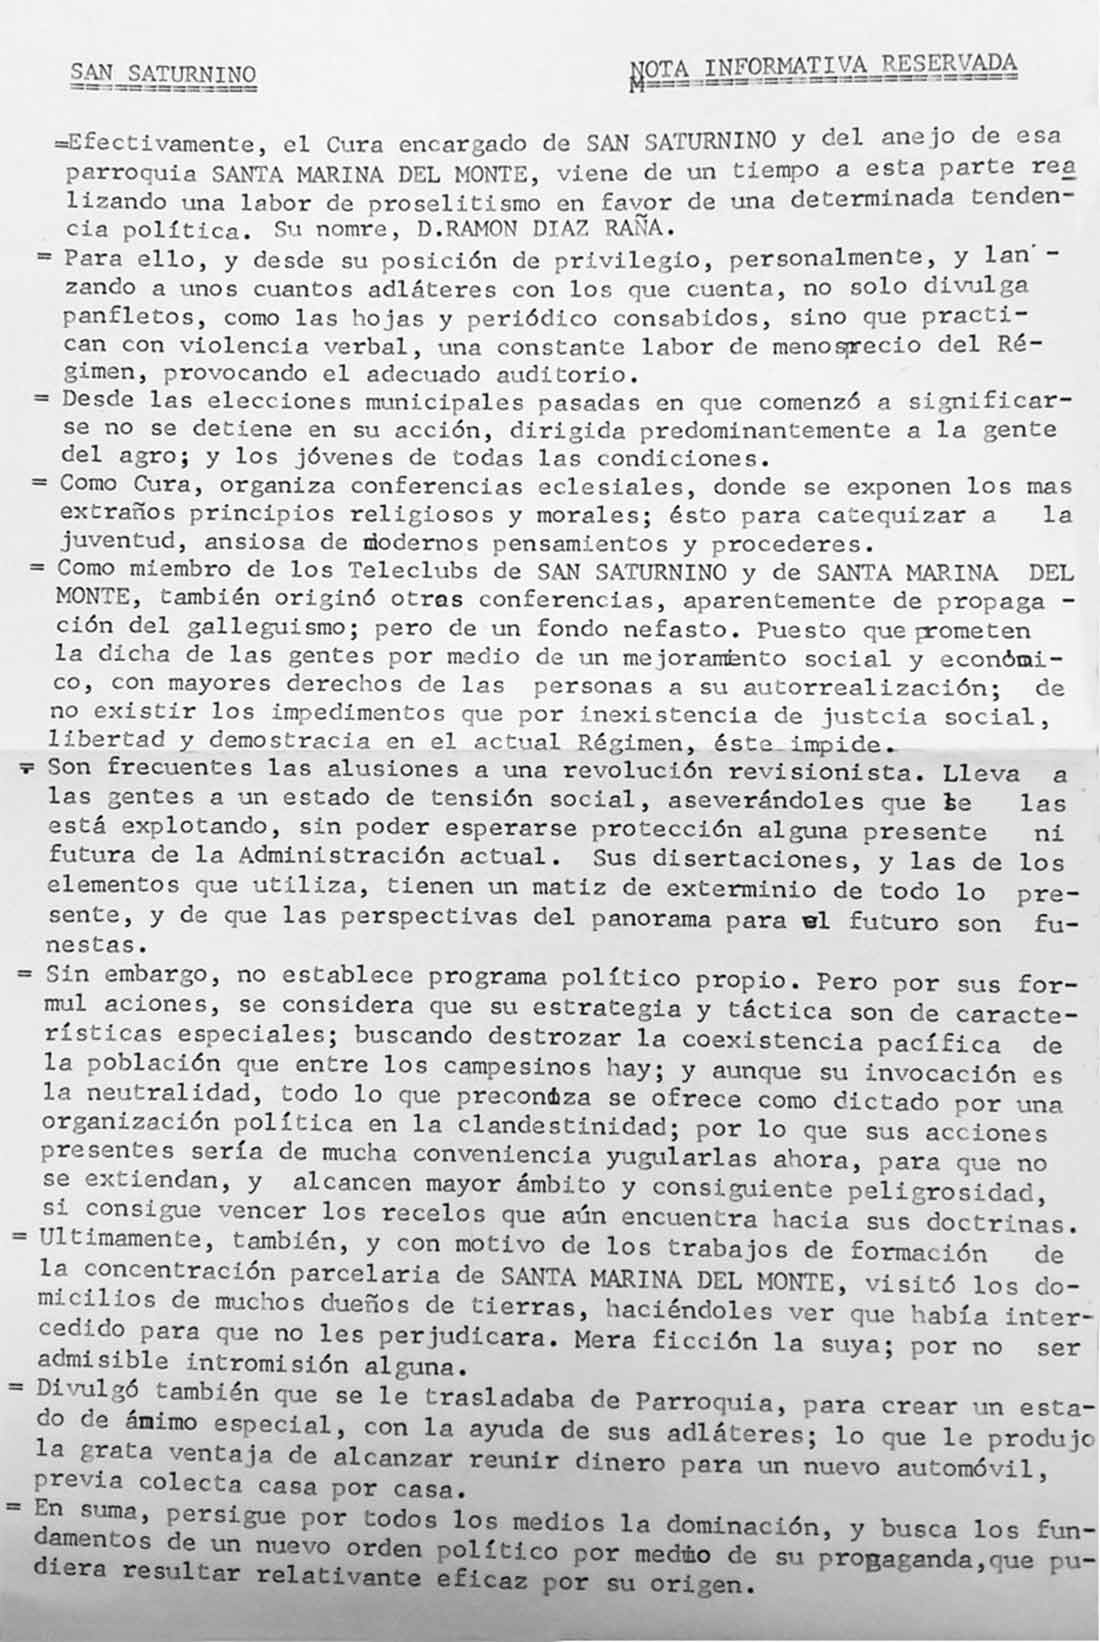 Nota informativa do alcalde Secada ao gobernador sobre as actividades e menosprecio al Régimen de Ramón Díaz Raña